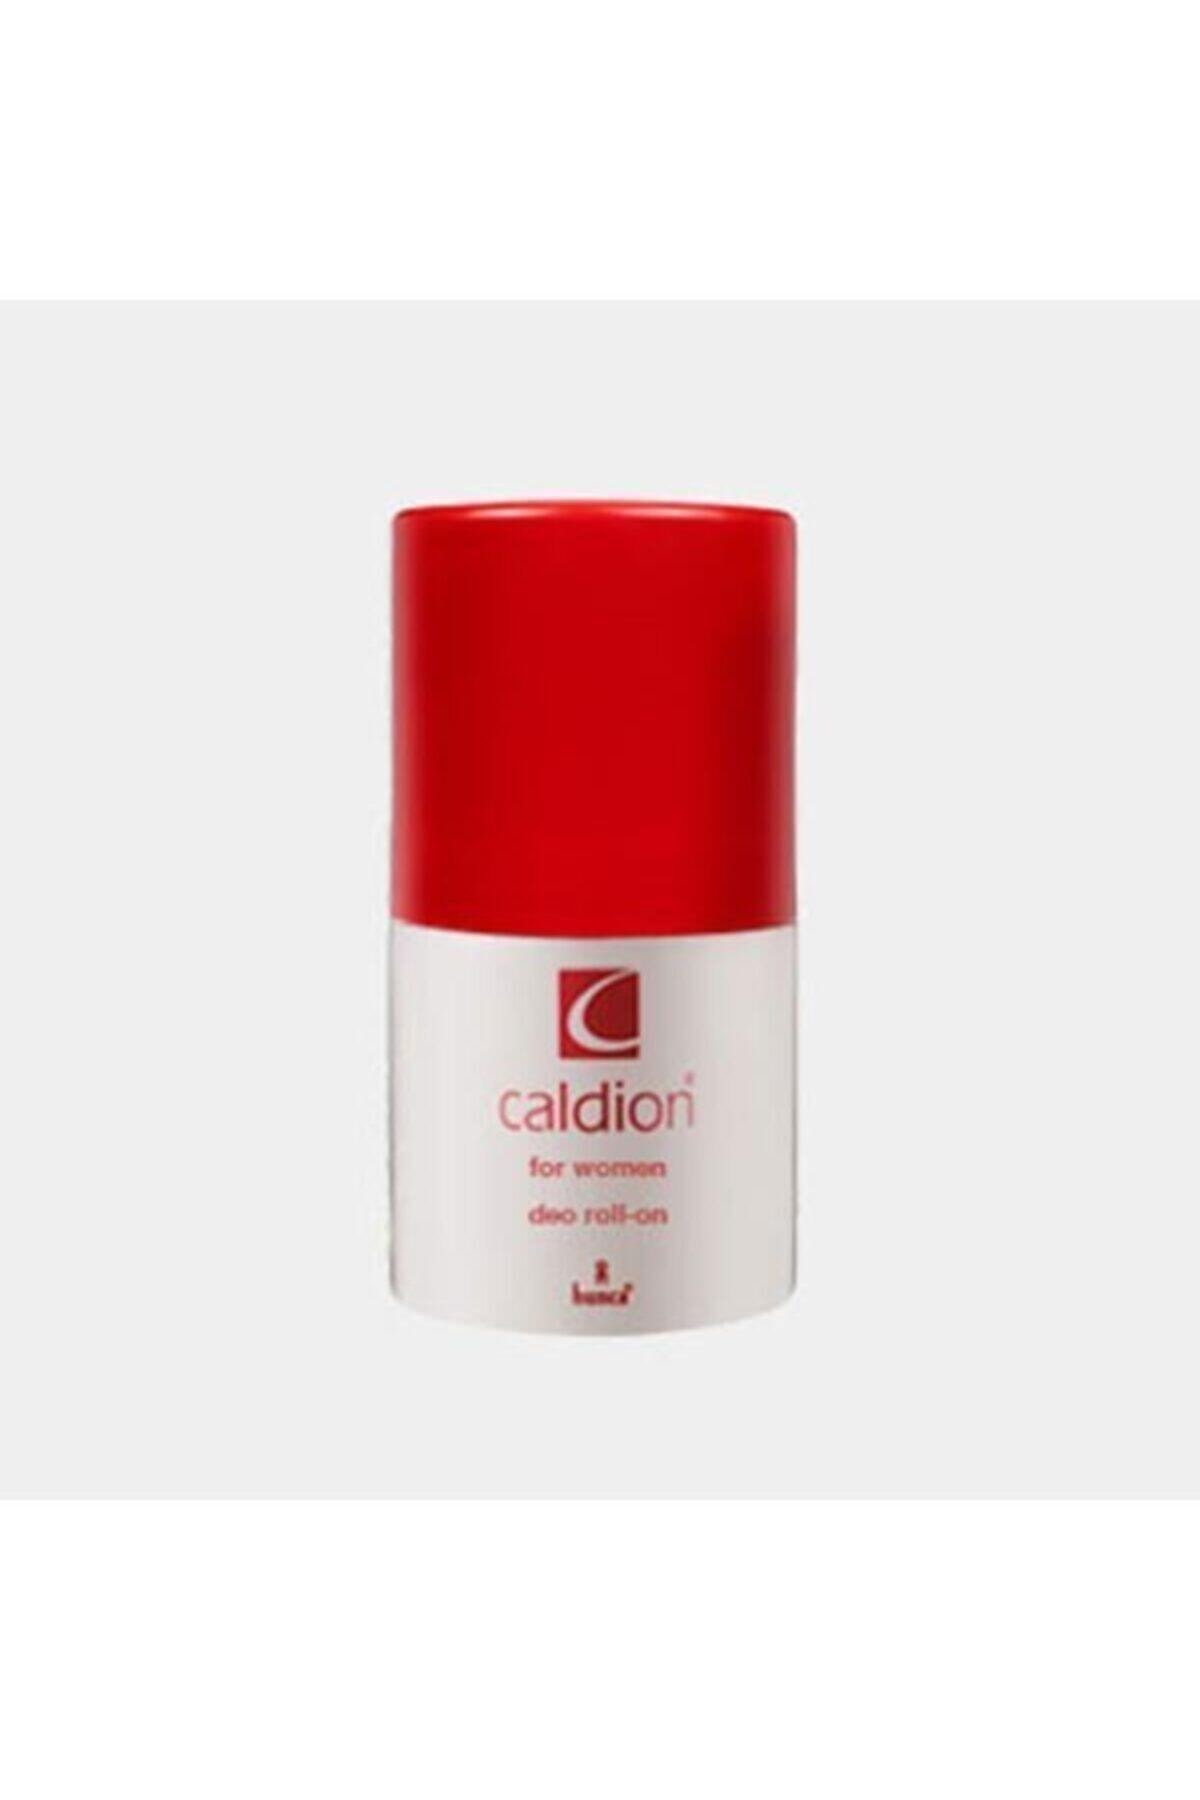 Caldion Kadın Roll-on 50ml 1